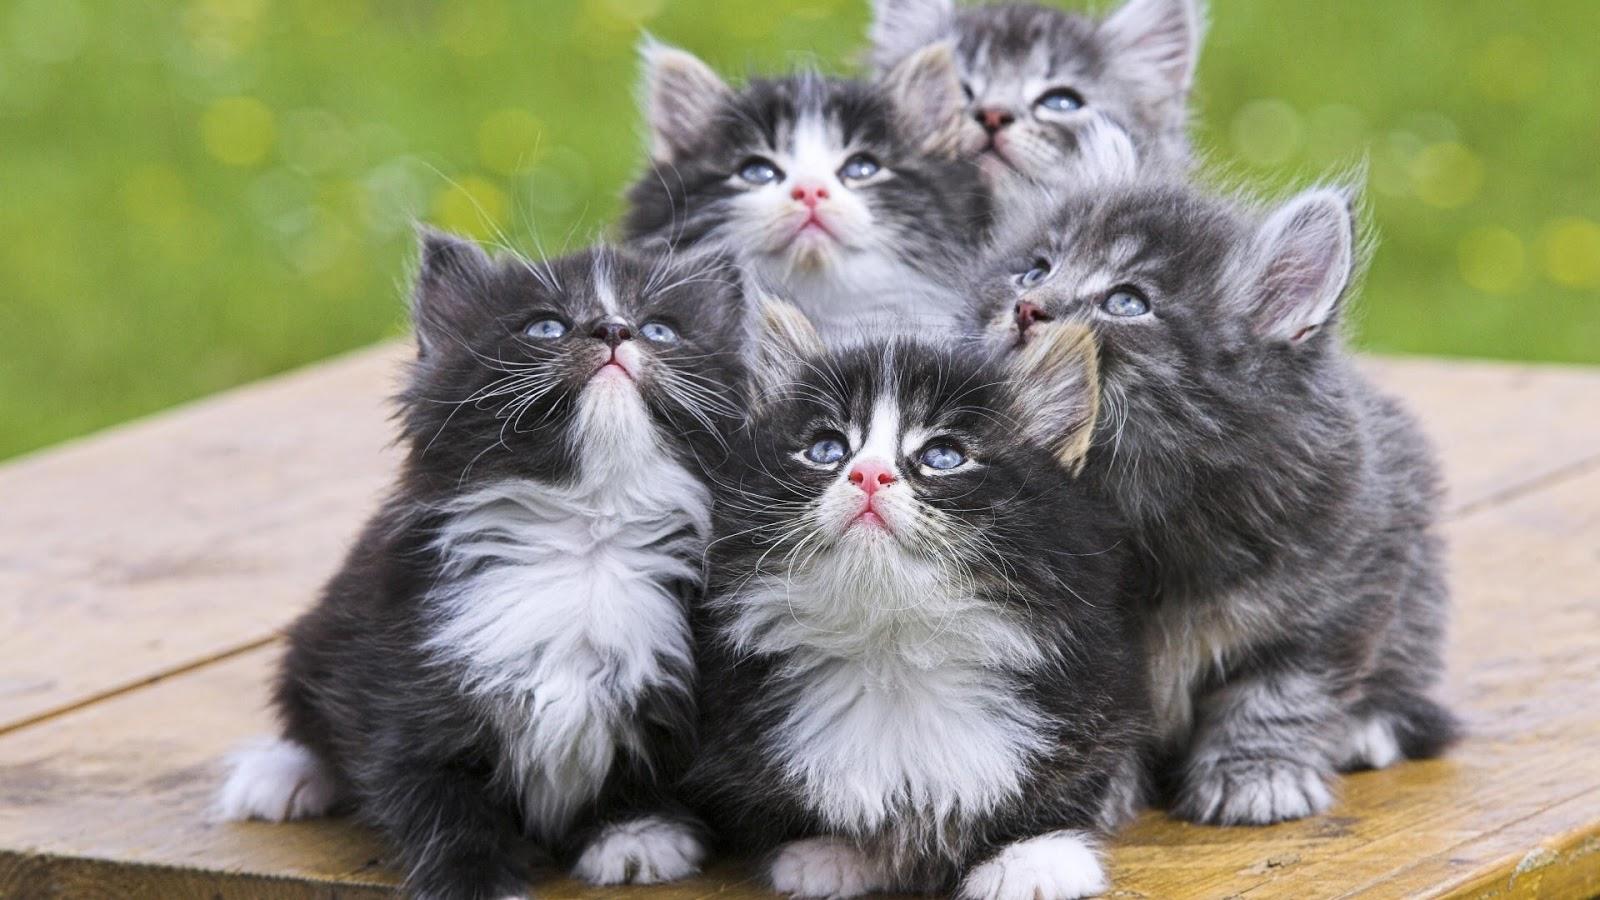 بالصور اجمل الصور للقطط في العالم , صور جميله للقطط في العالم 3105